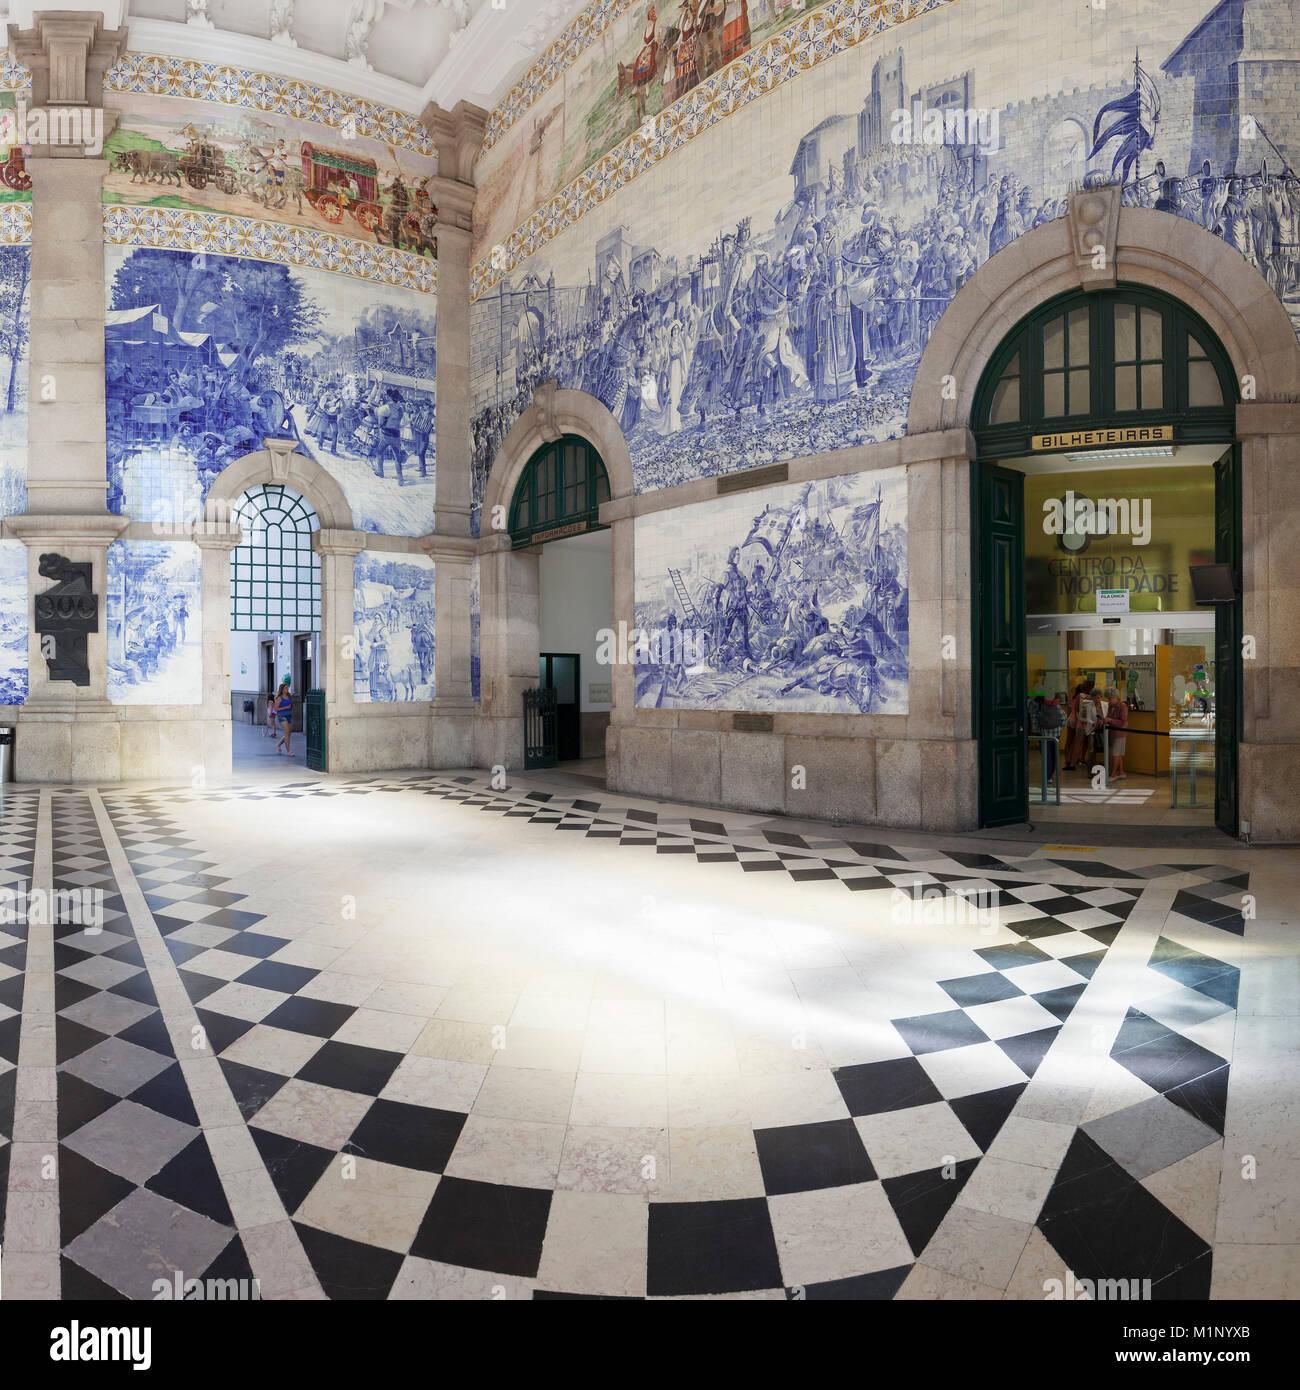 Azulejos, Sao Bento railway station, Porto (Oporto), Portugal, Europe - Stock Image